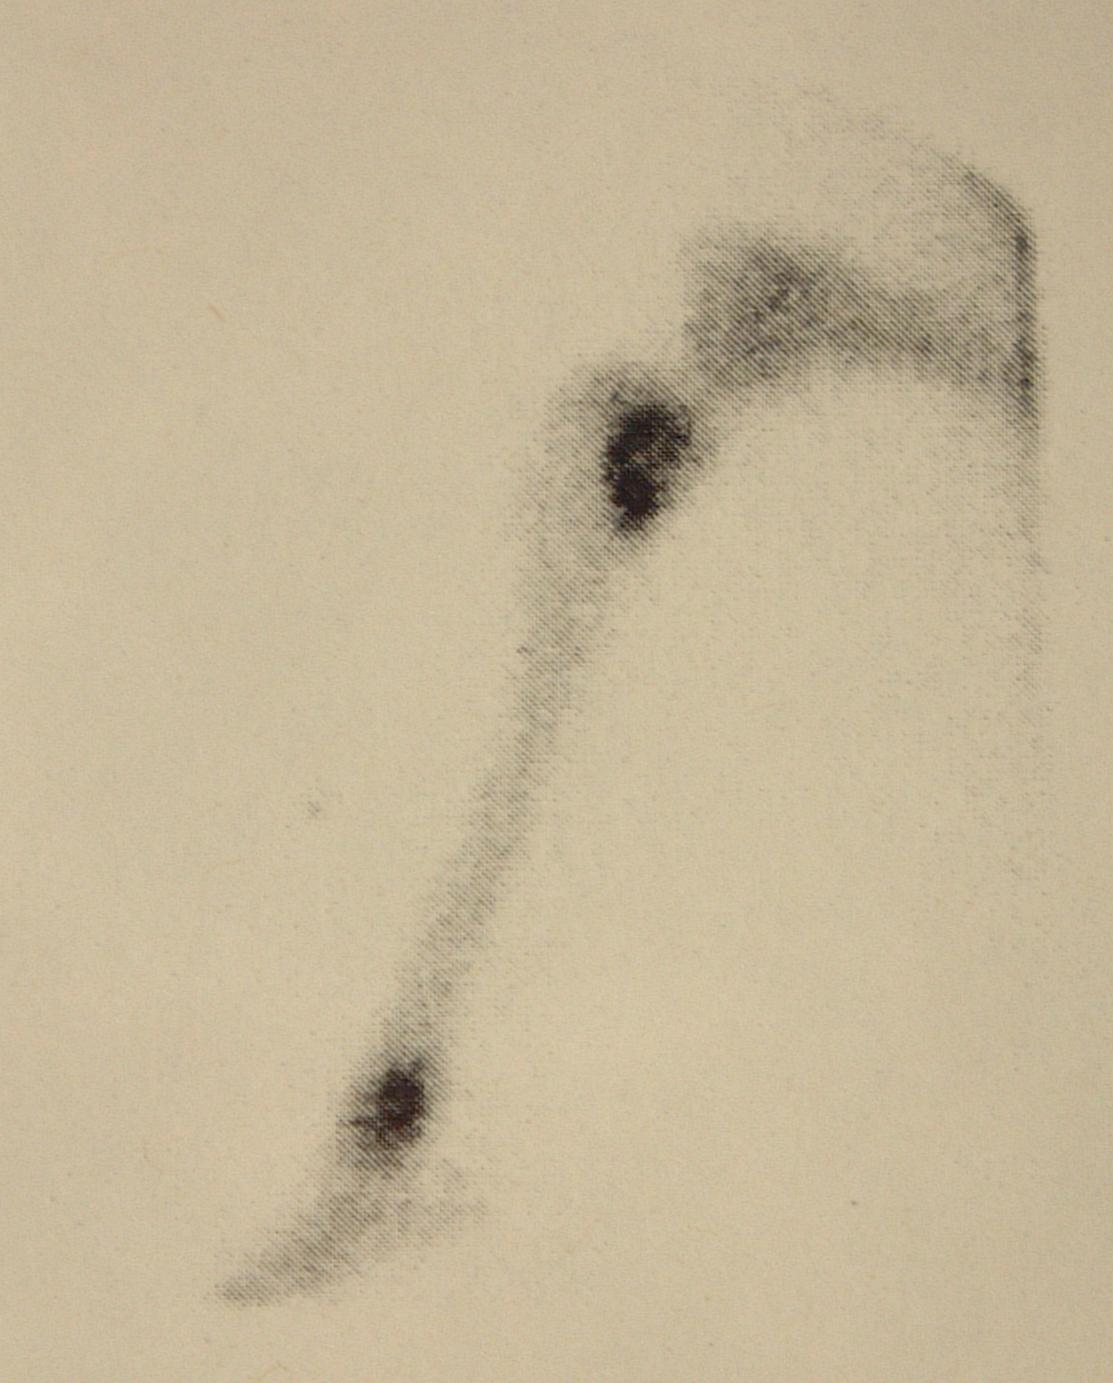 Bone Scan - Tibial Metastasis (OSA)